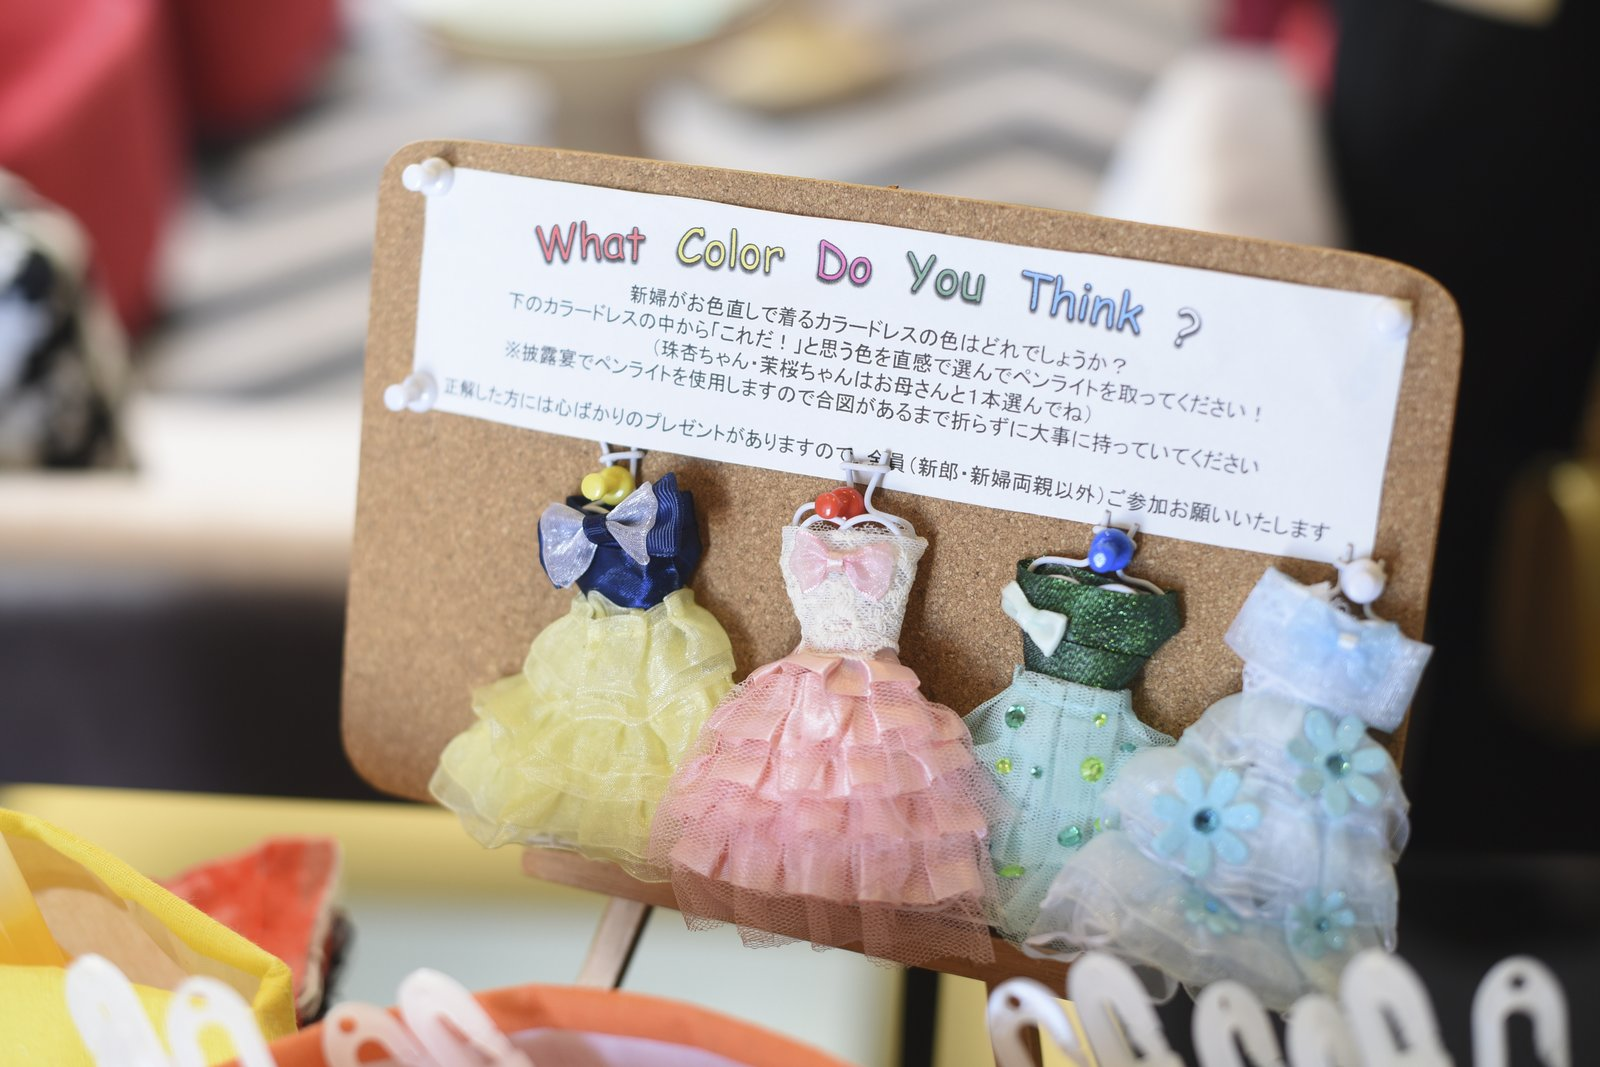 徳島市の結婚式場ブランアンジュでドレス色当てクイズに使ったアイテム